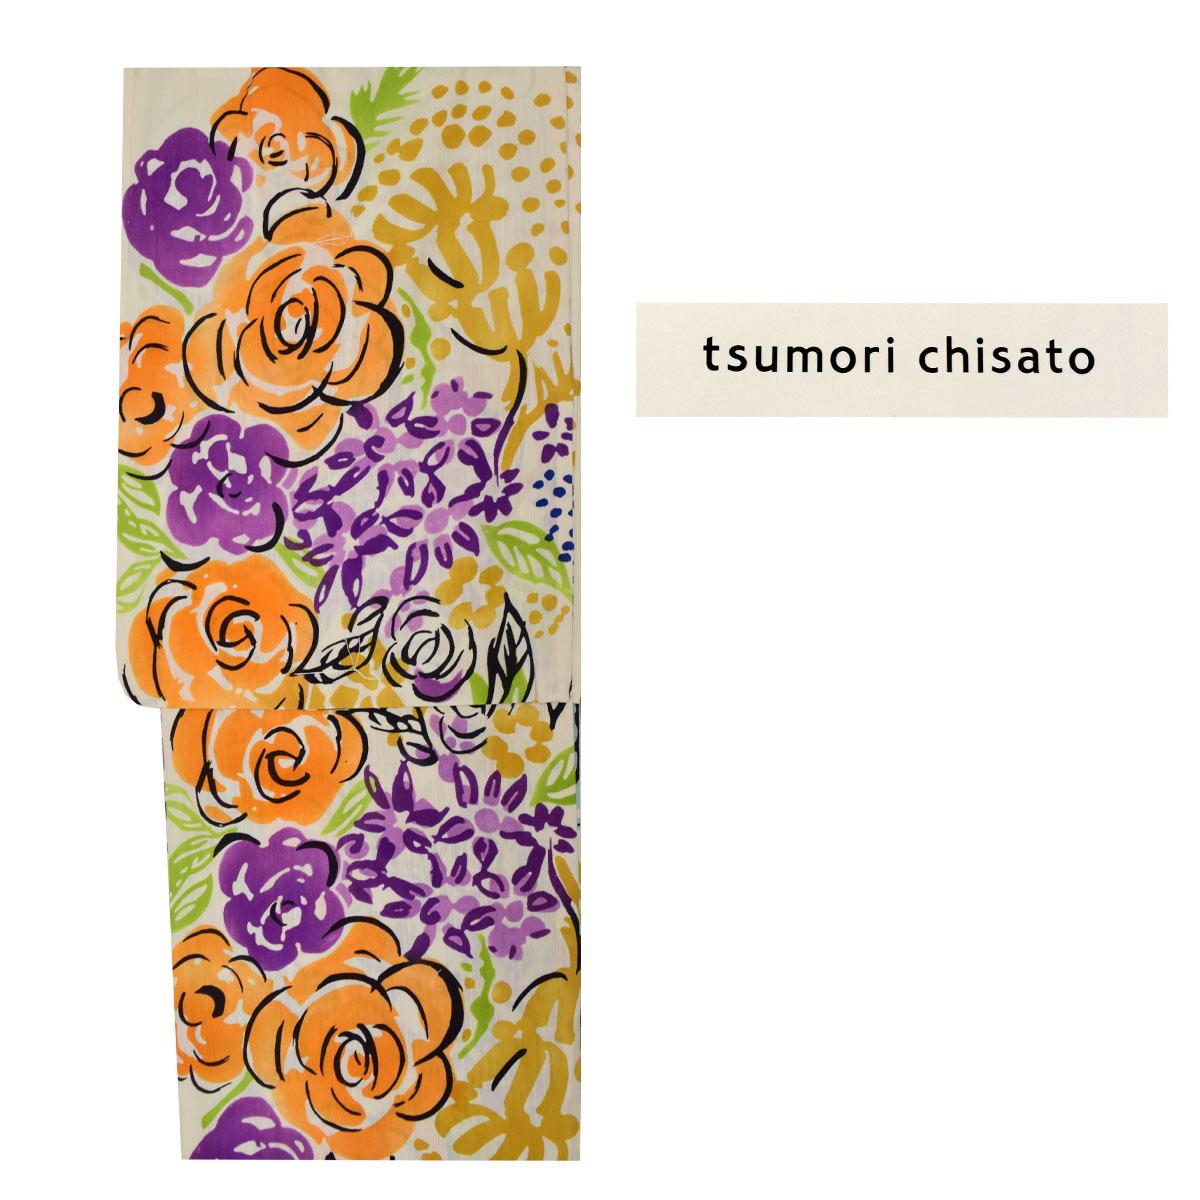 《30%オフクーポン利用可》お買い物マラソン【tsumori chisato】【綿】新作 ブランド レディース 浴衣 単品【ツモリチサト】番号c2-19